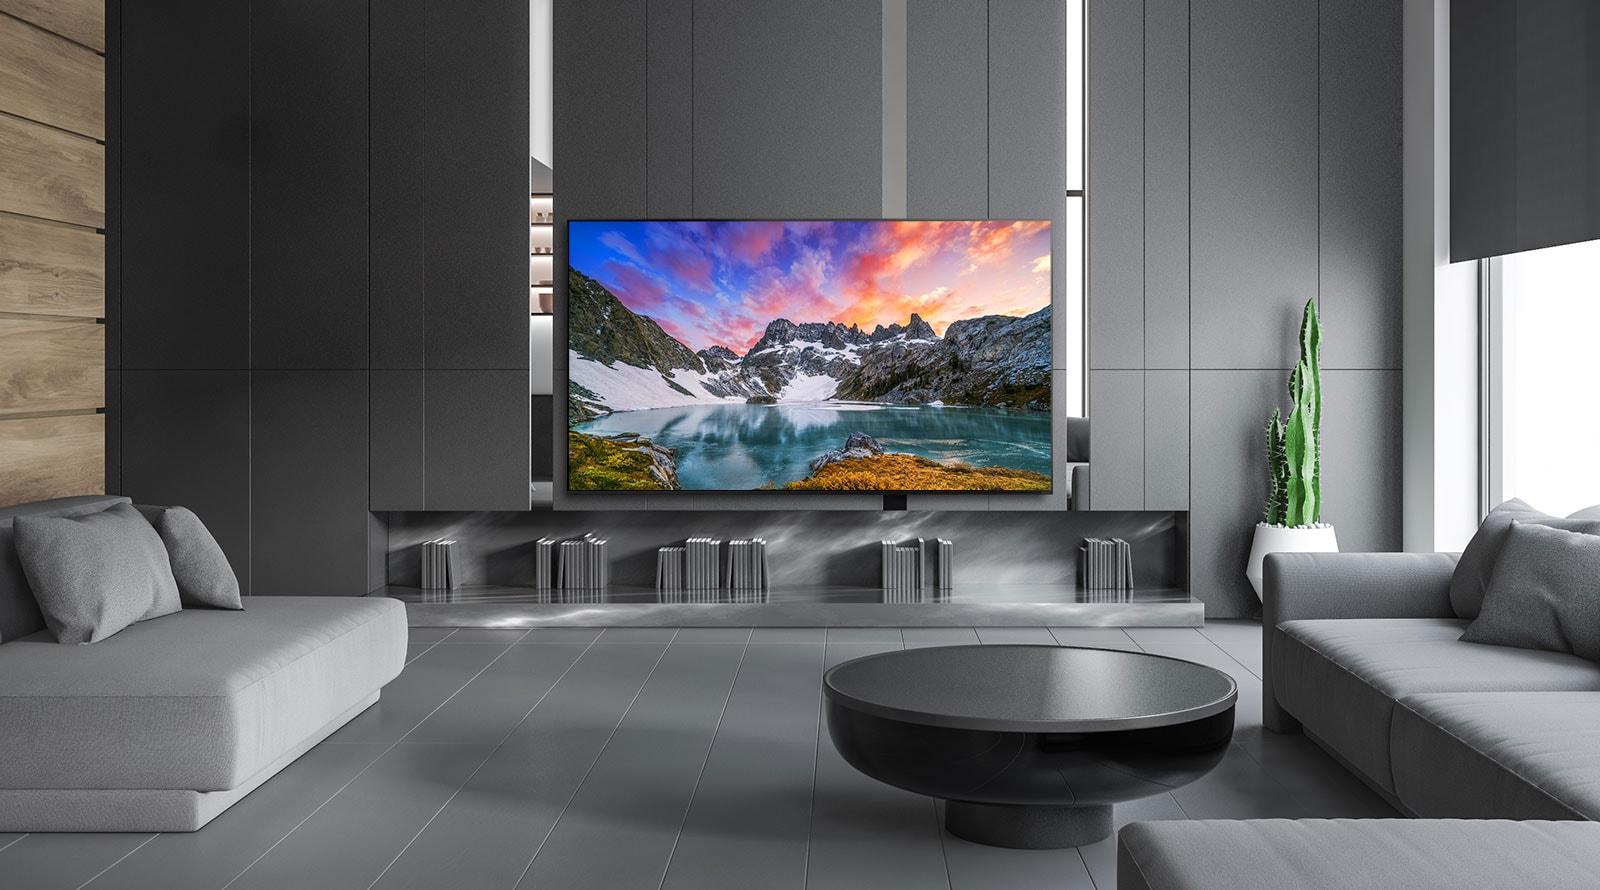 Μια τηλεόραση που βρίσκεται σε ένα πολυτελές σαλόνι δείχνει ένα φυσικό τοπίο